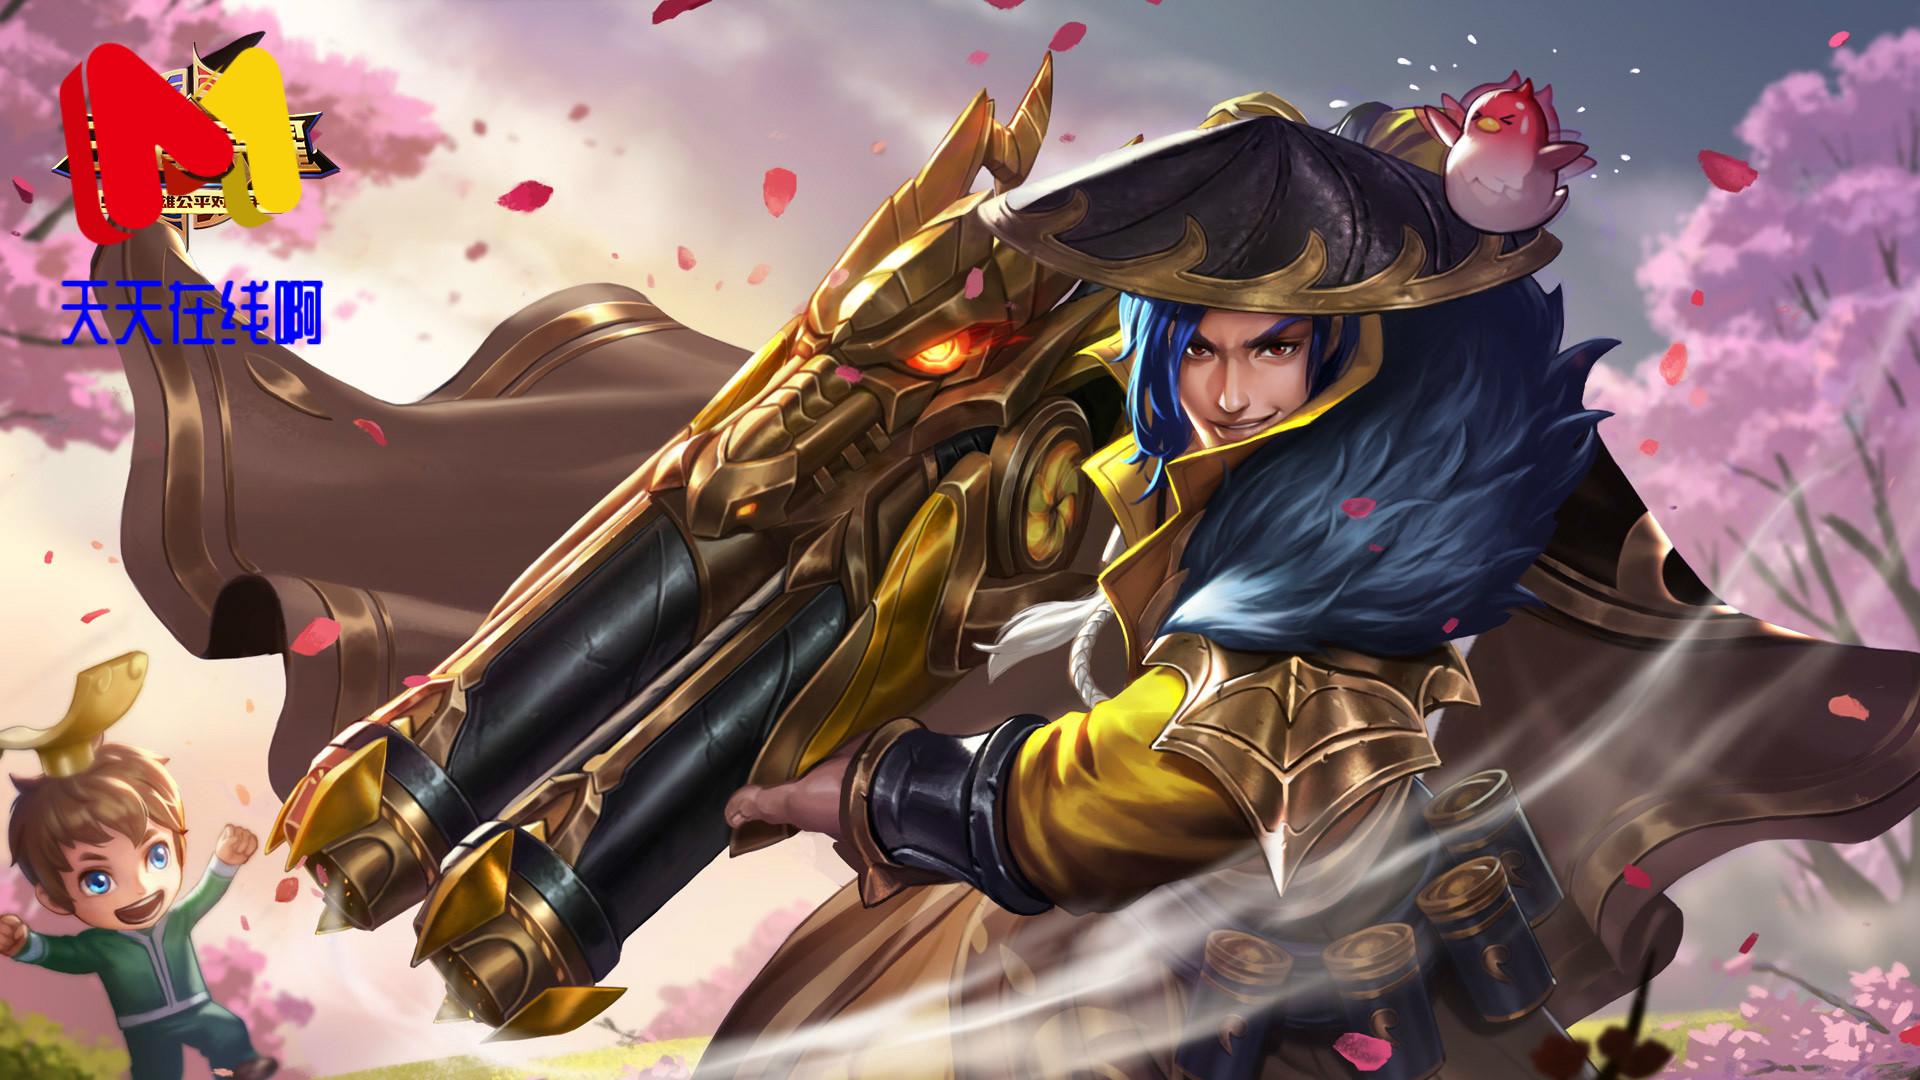 《【煜星娱乐线路】王者荣耀:刘备得巨幅加强,比以前强数十倍,为何如今依然少人玩?》